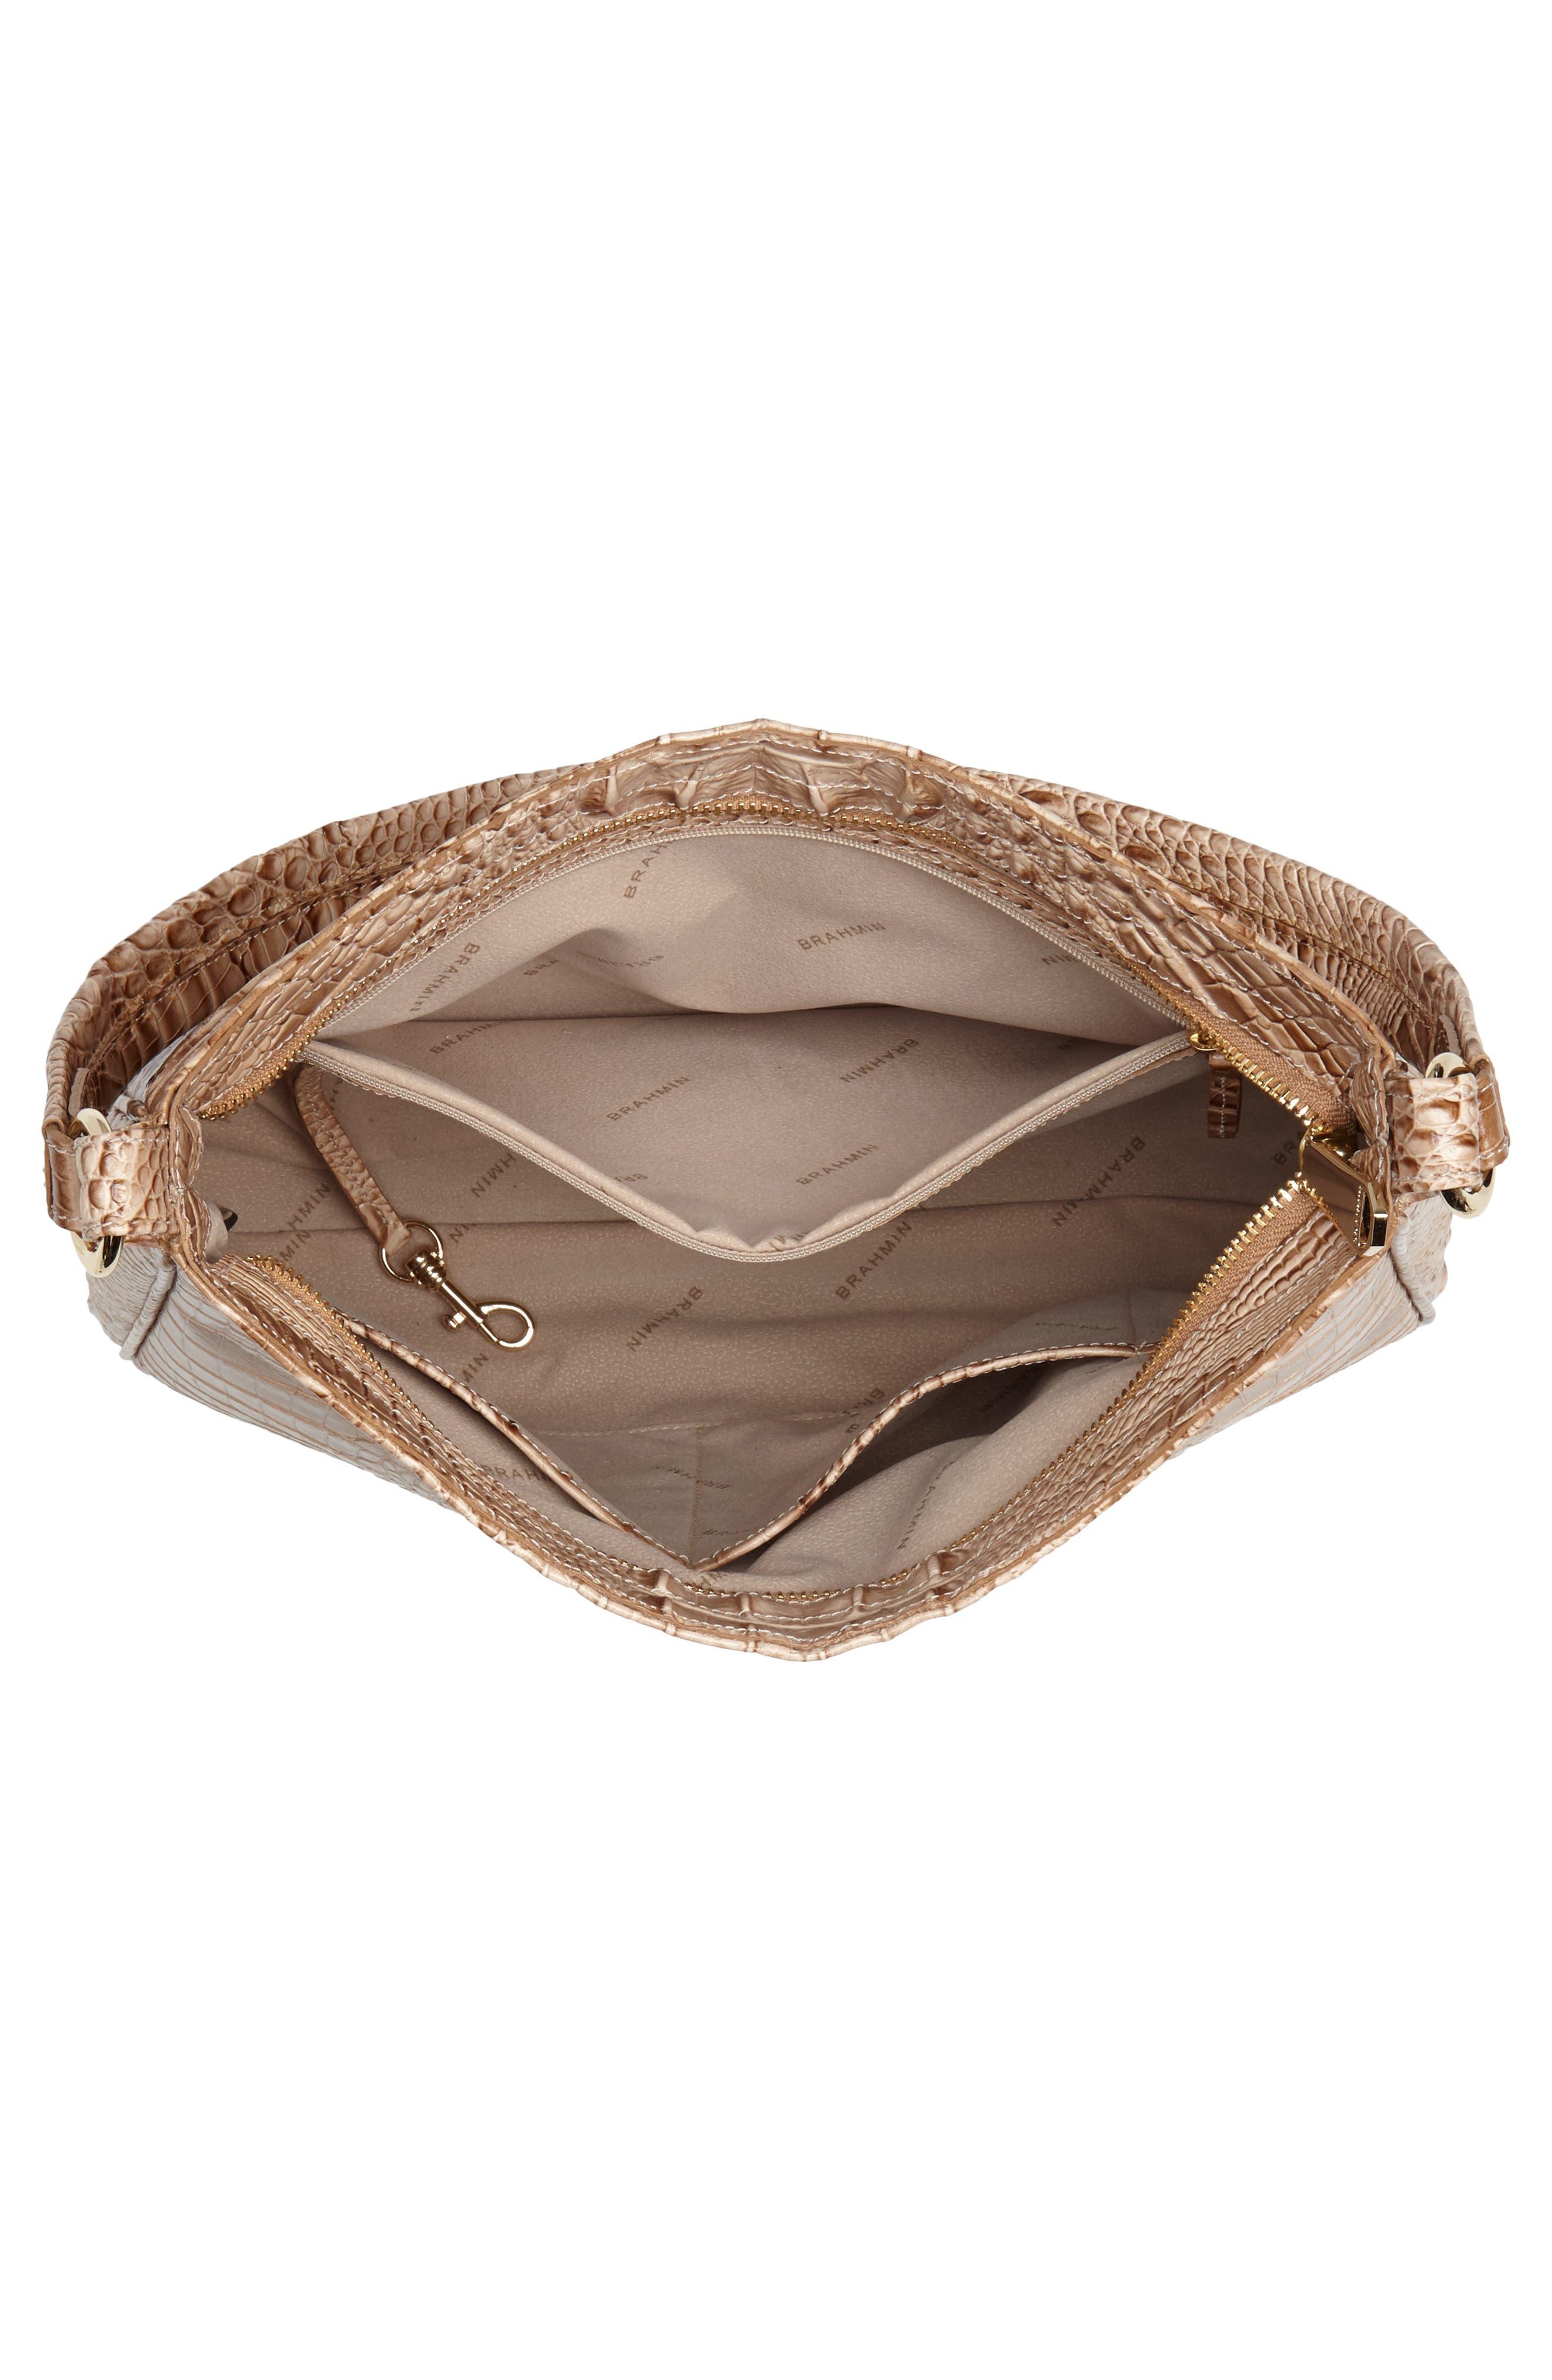 Nadia Croc Embossed Leather Shoulder Bag,                             Alternate thumbnail 4, color,                             Morel